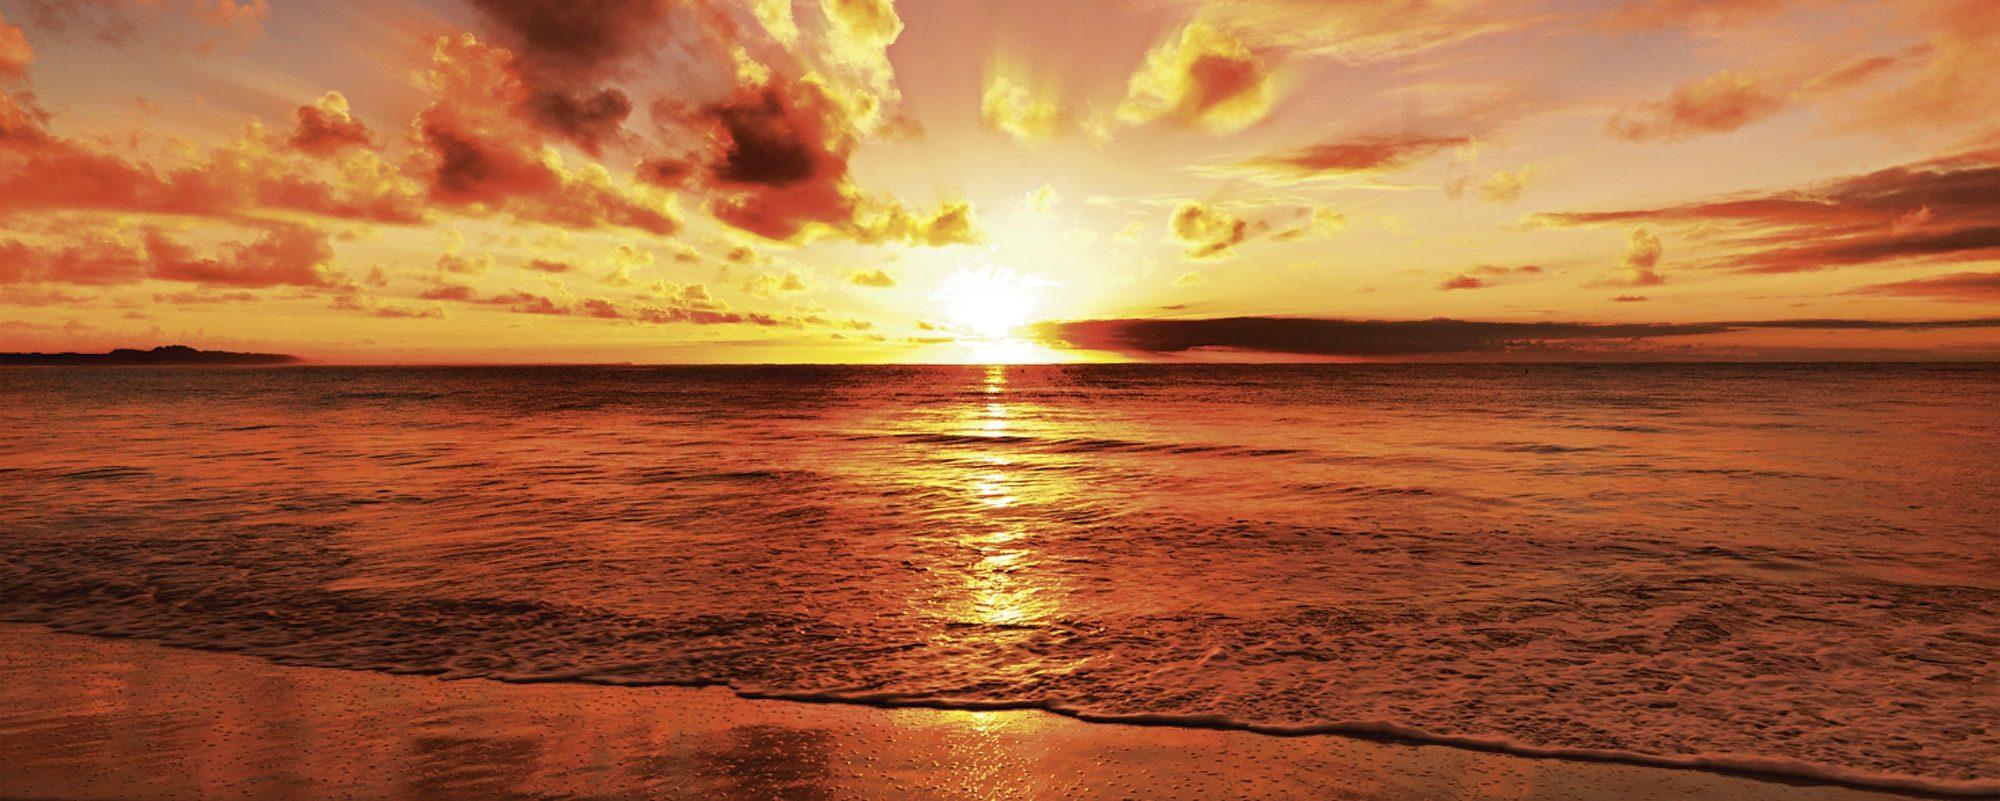 Home affaire, Glasbild, »idizimage: Schöner tropischer Sonnenuntergang am Strand«, 125/50 cm